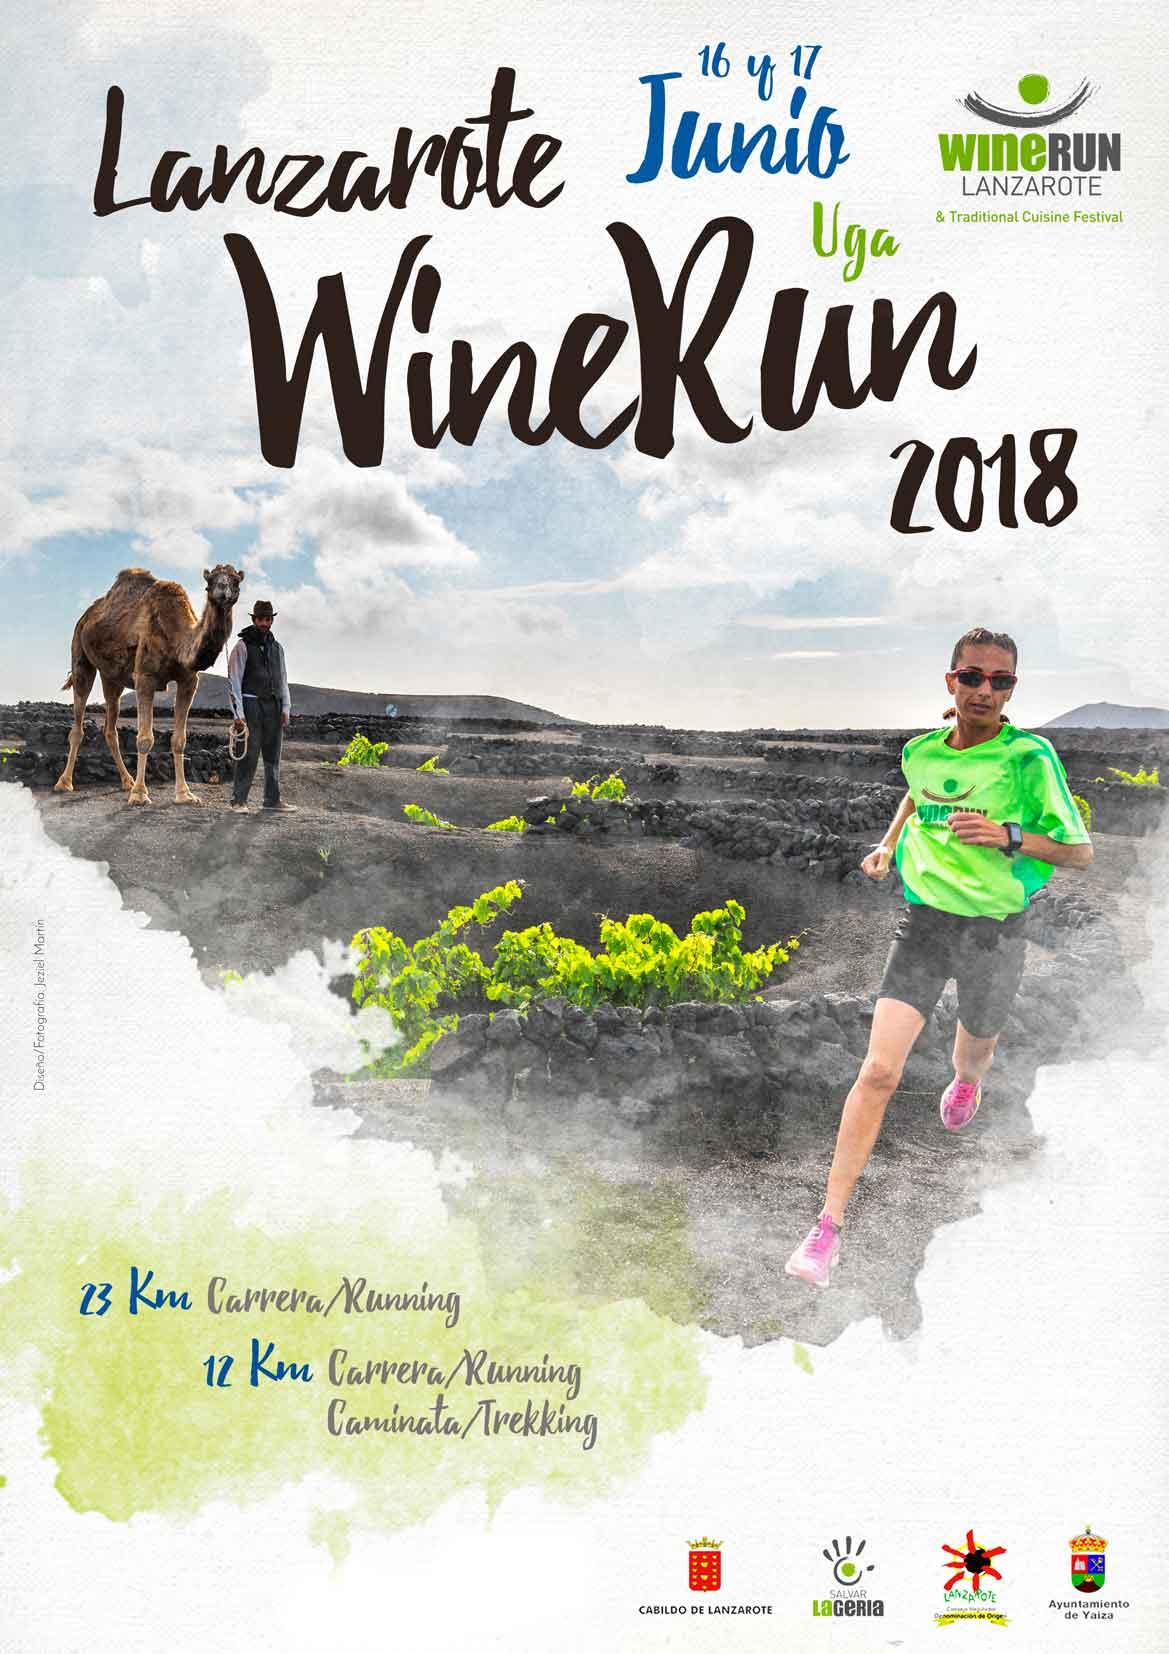 abierto el plazo de inscripción Lanzarote Wine Run 2018